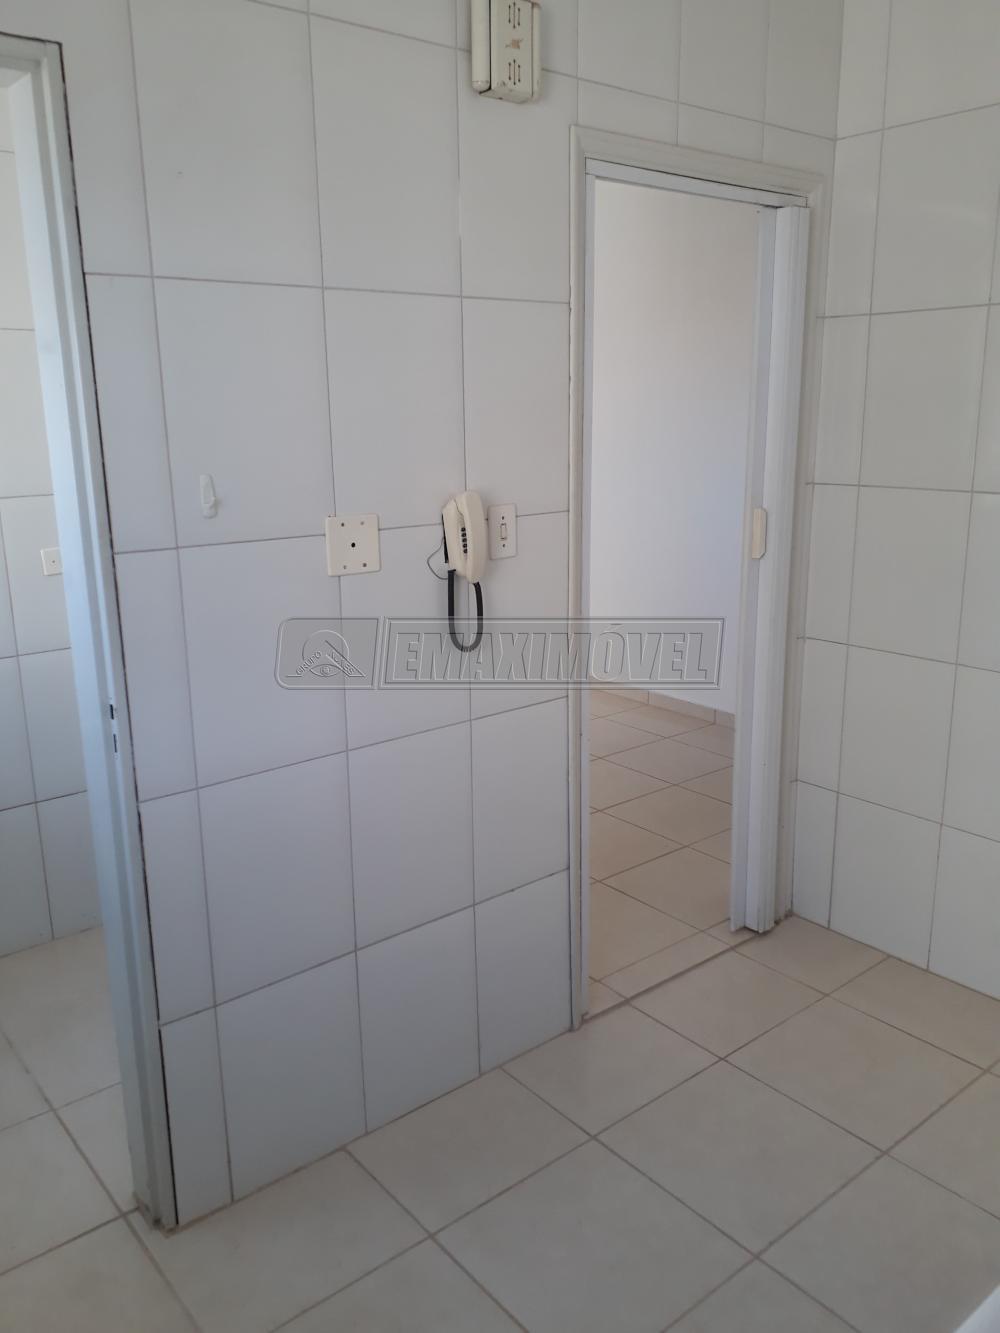 Alugar Apartamento / Padrão em Sorocaba R$ 500,00 - Foto 18